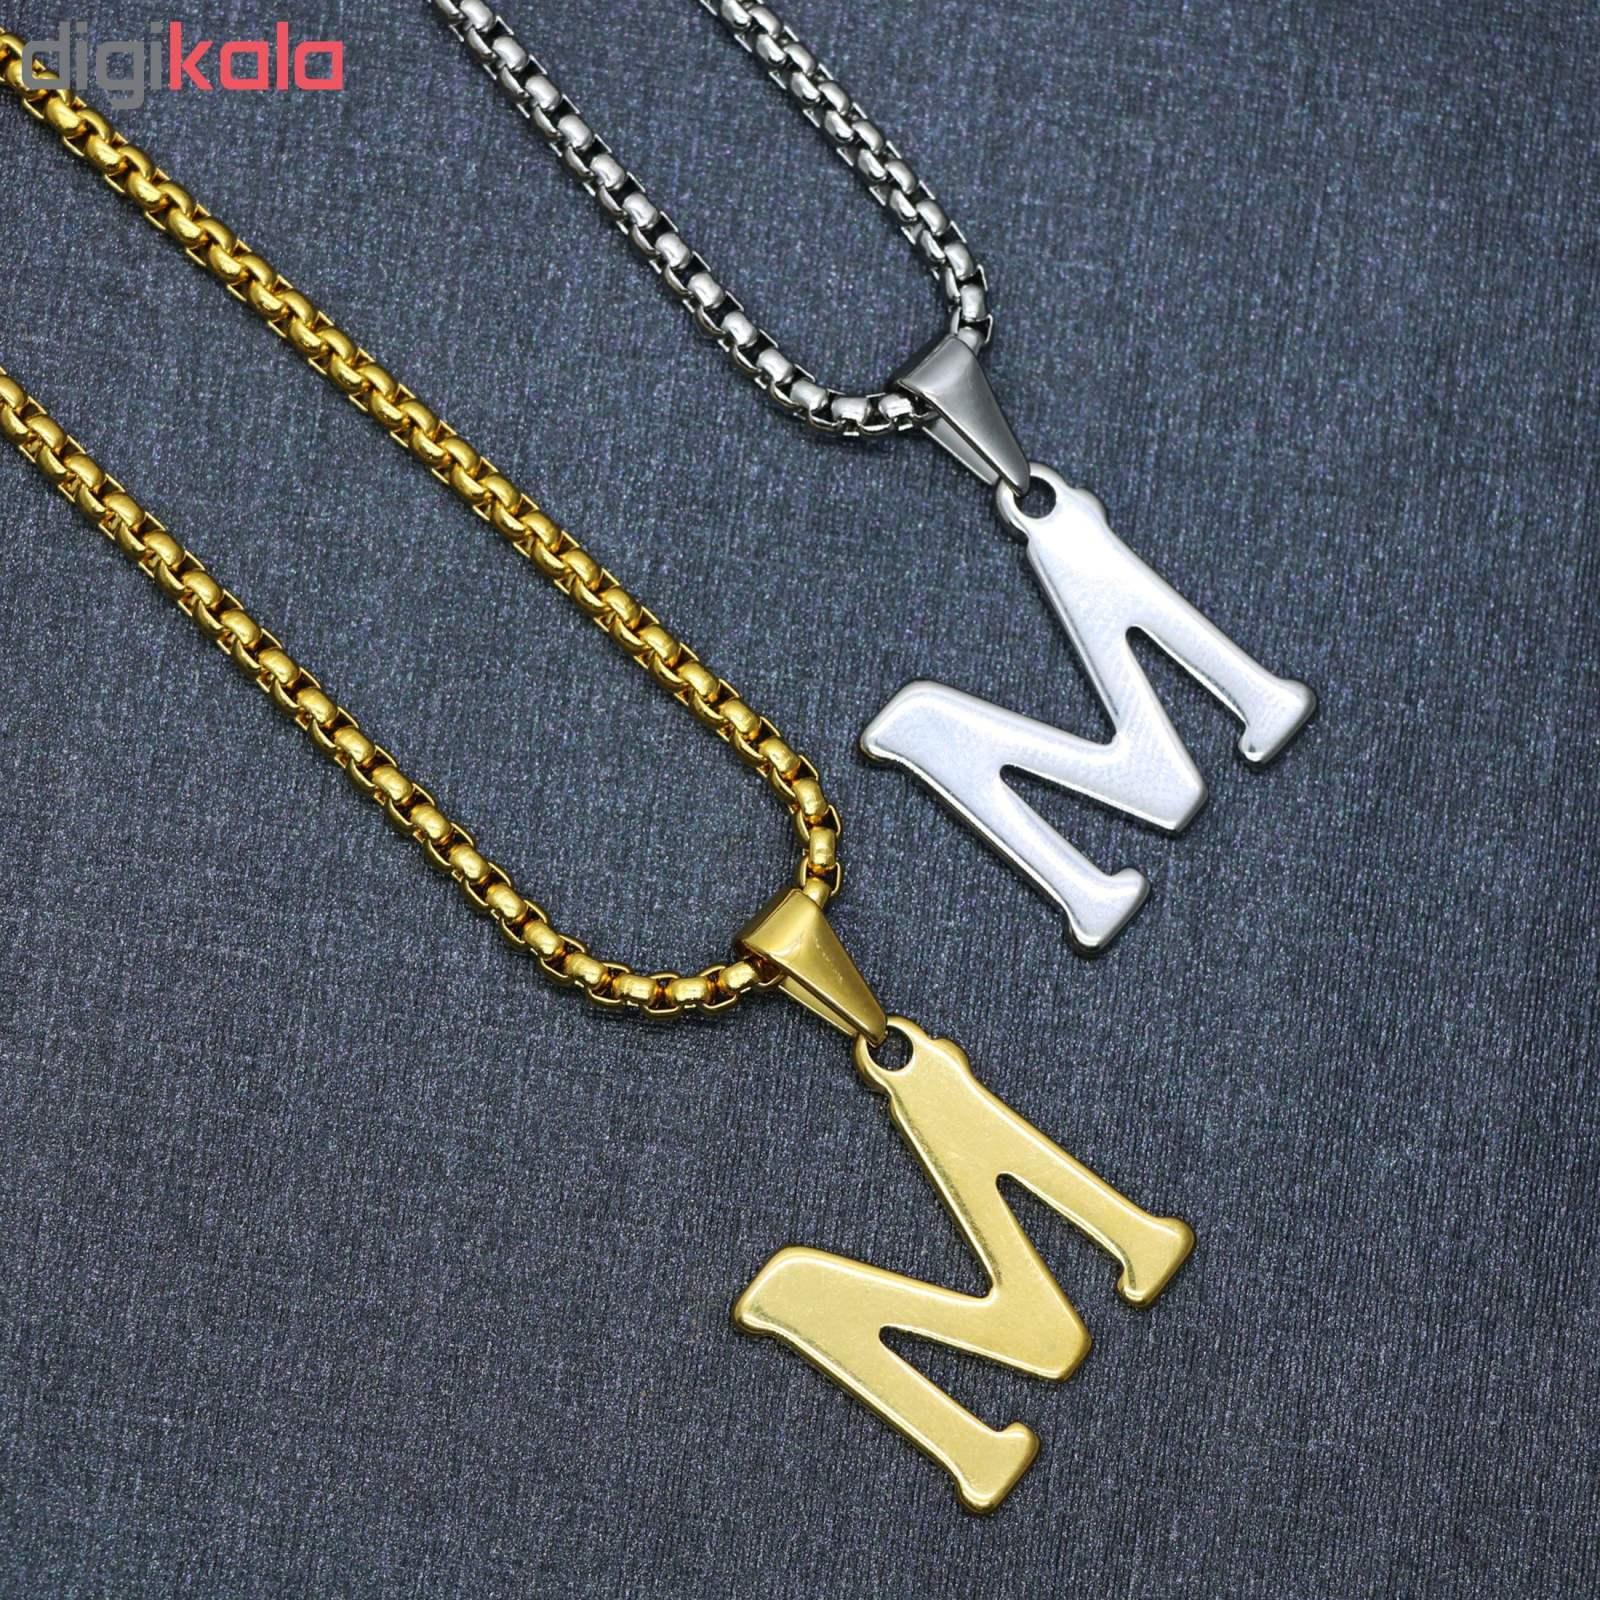 گردنبند مردانه طرح حرف M کد h03 main 1 1